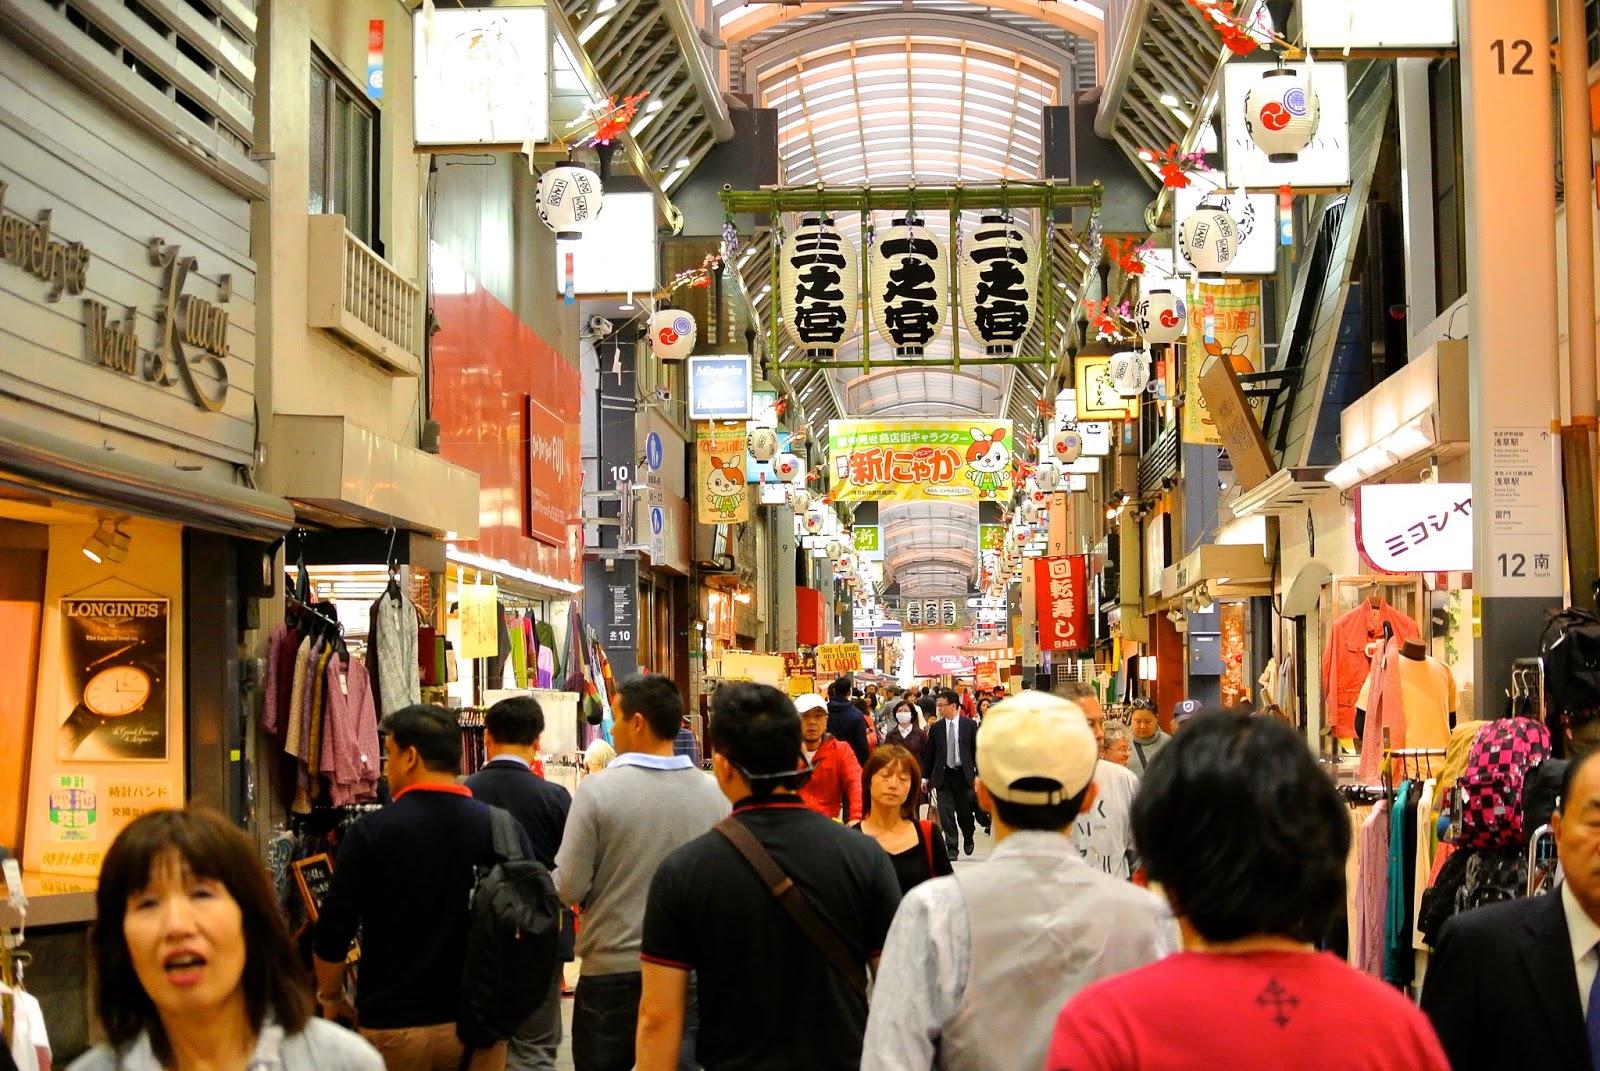 NAMA WASAVI: Tokyo,Japan 044